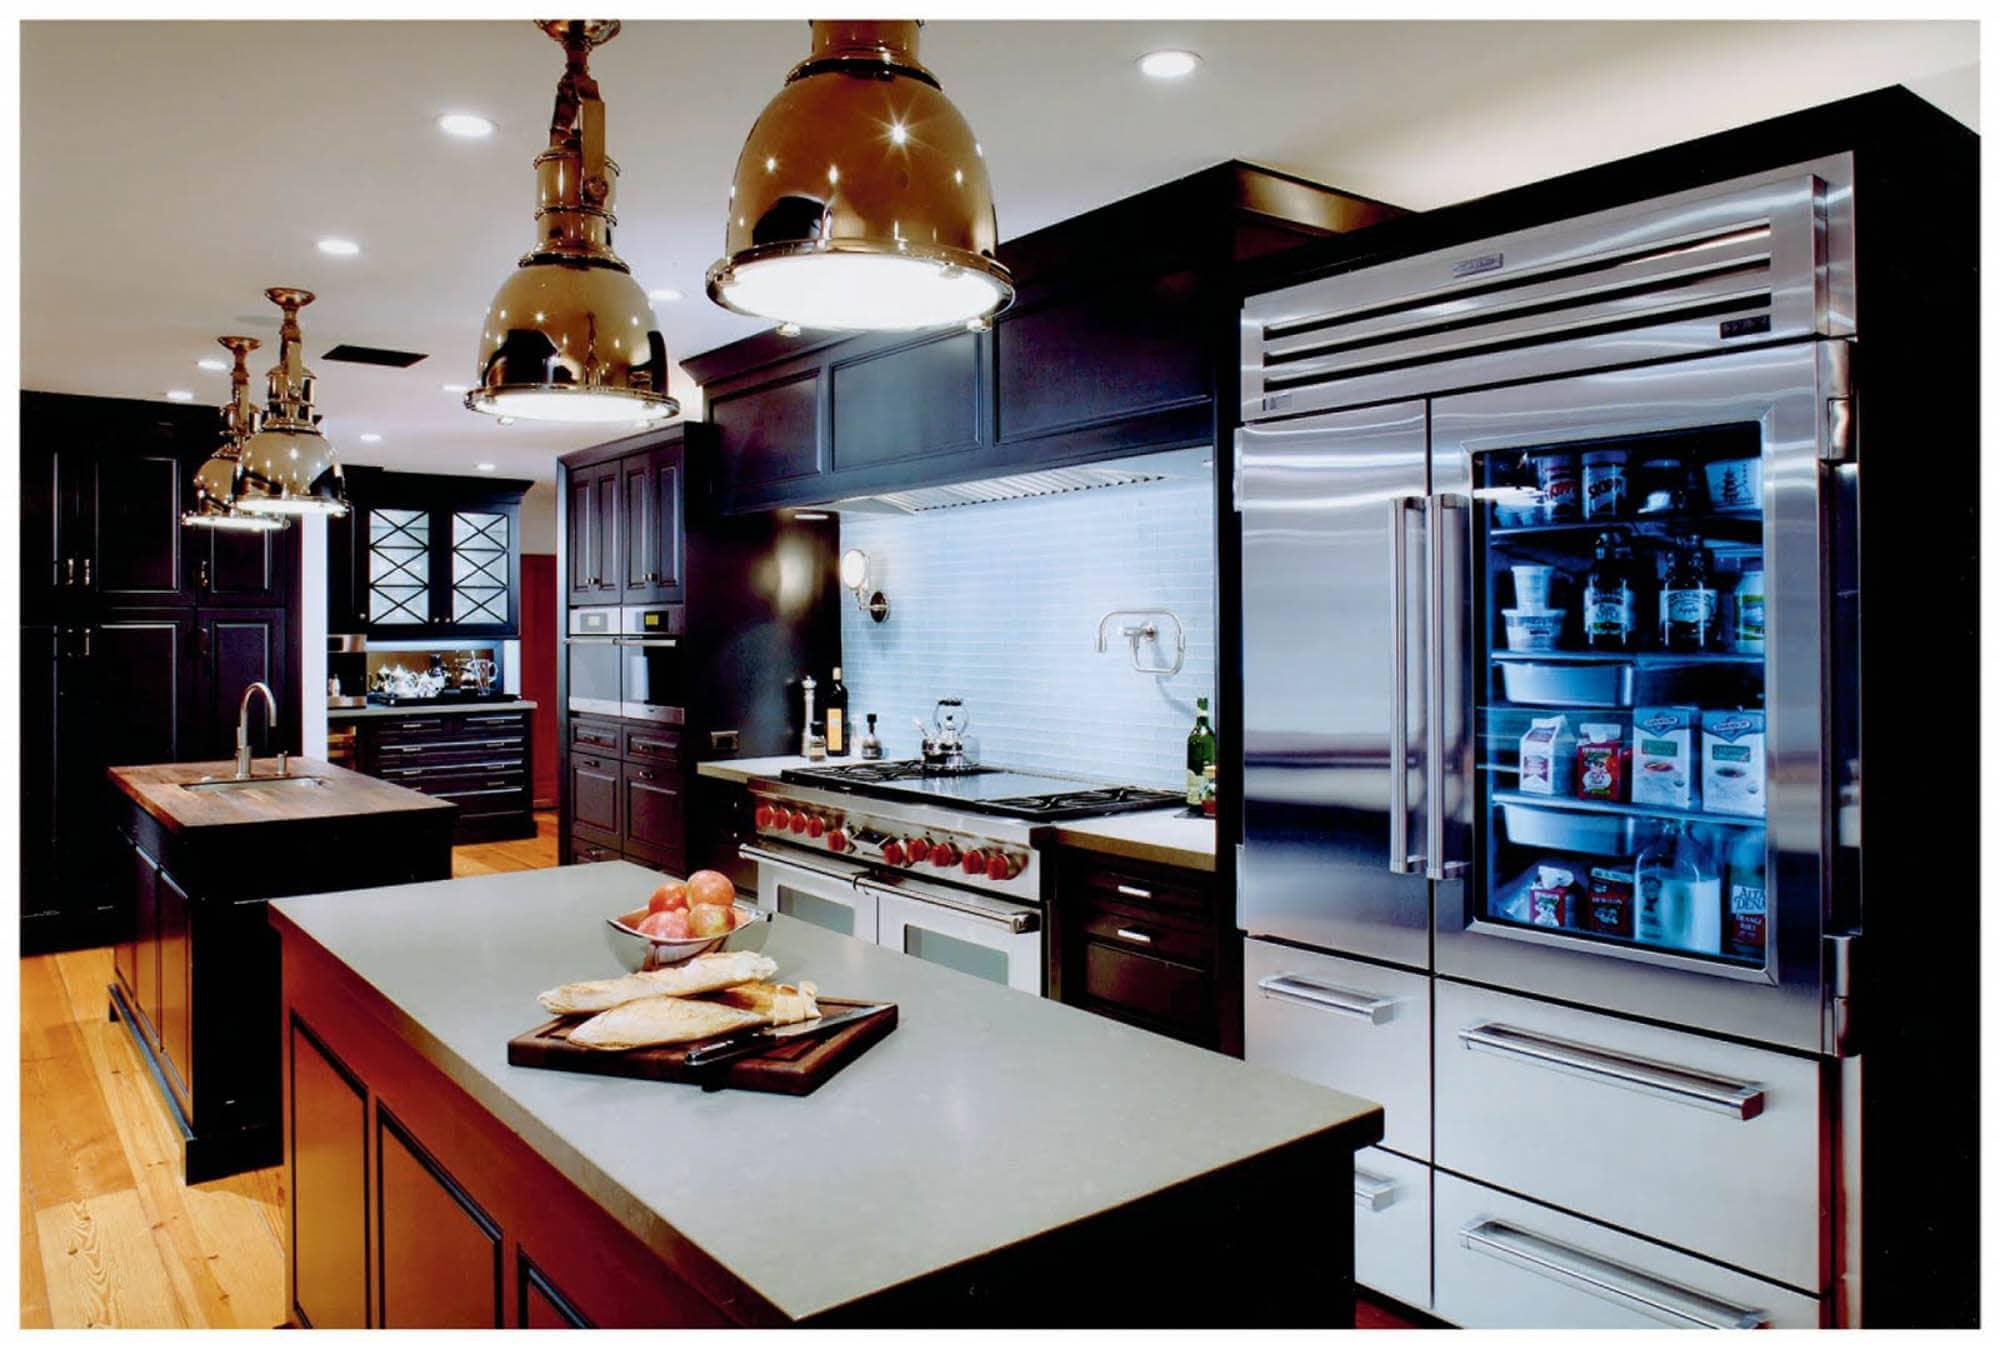 Kitchen decor style ideas gentleman 39 s gazette for Dream kitchen appliances